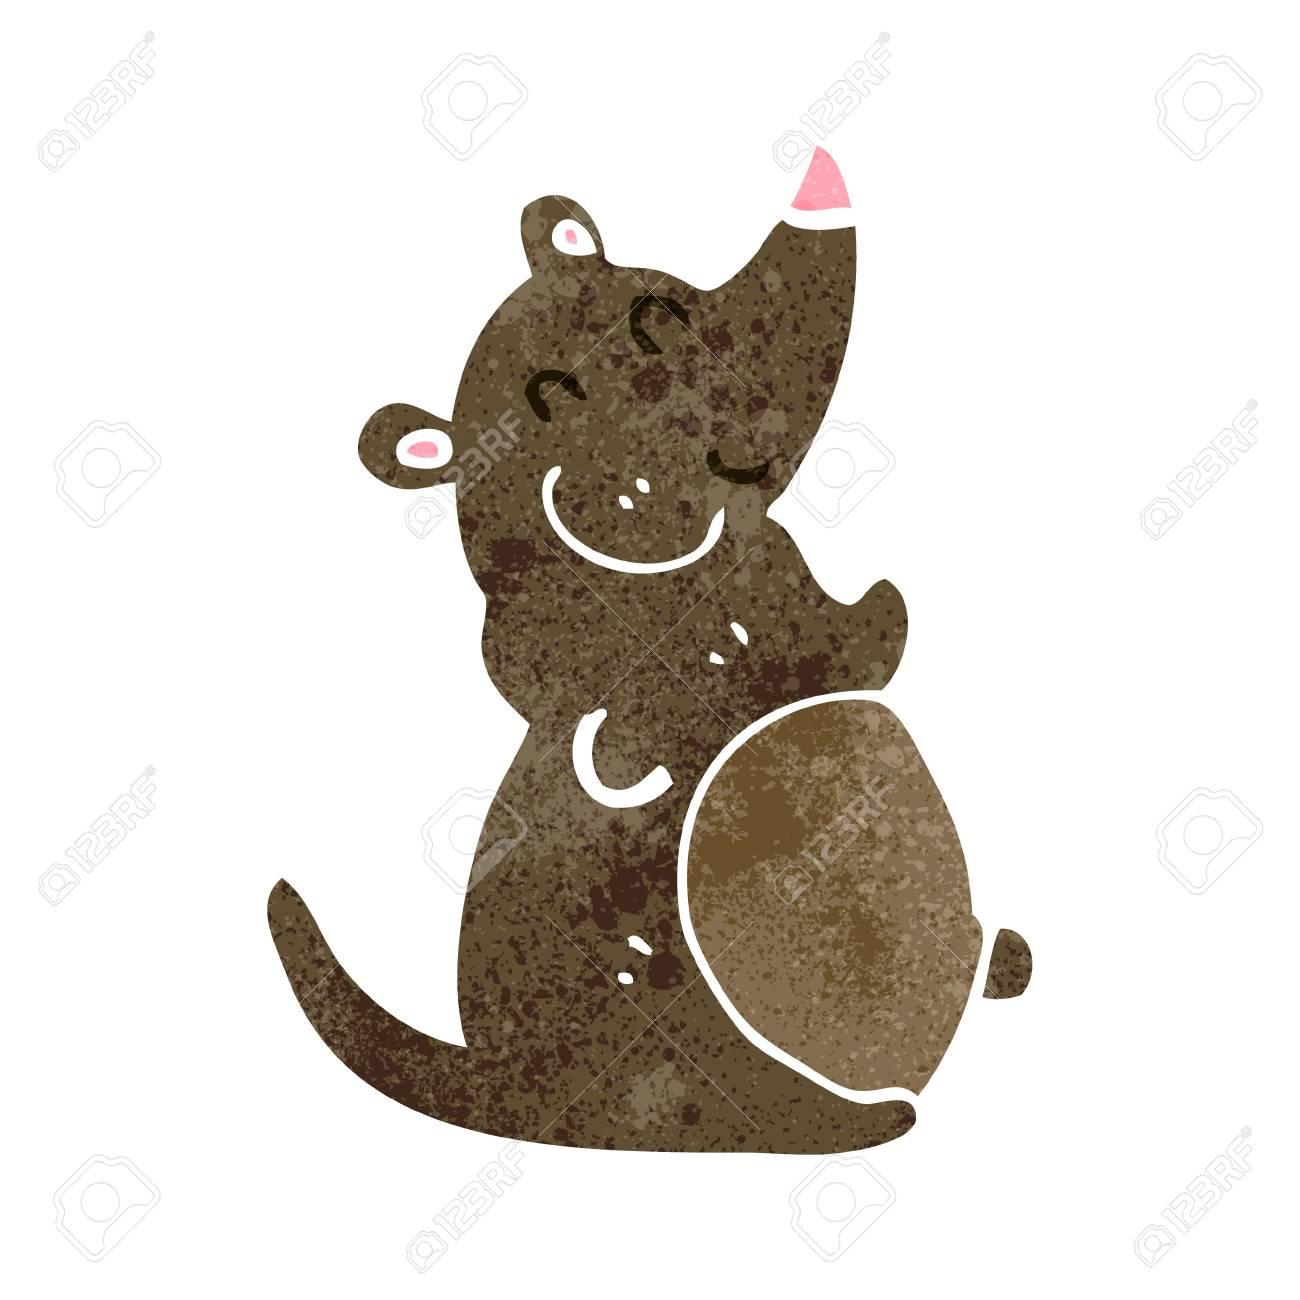 Vettoriale retrò cartone animato grasso ratto image